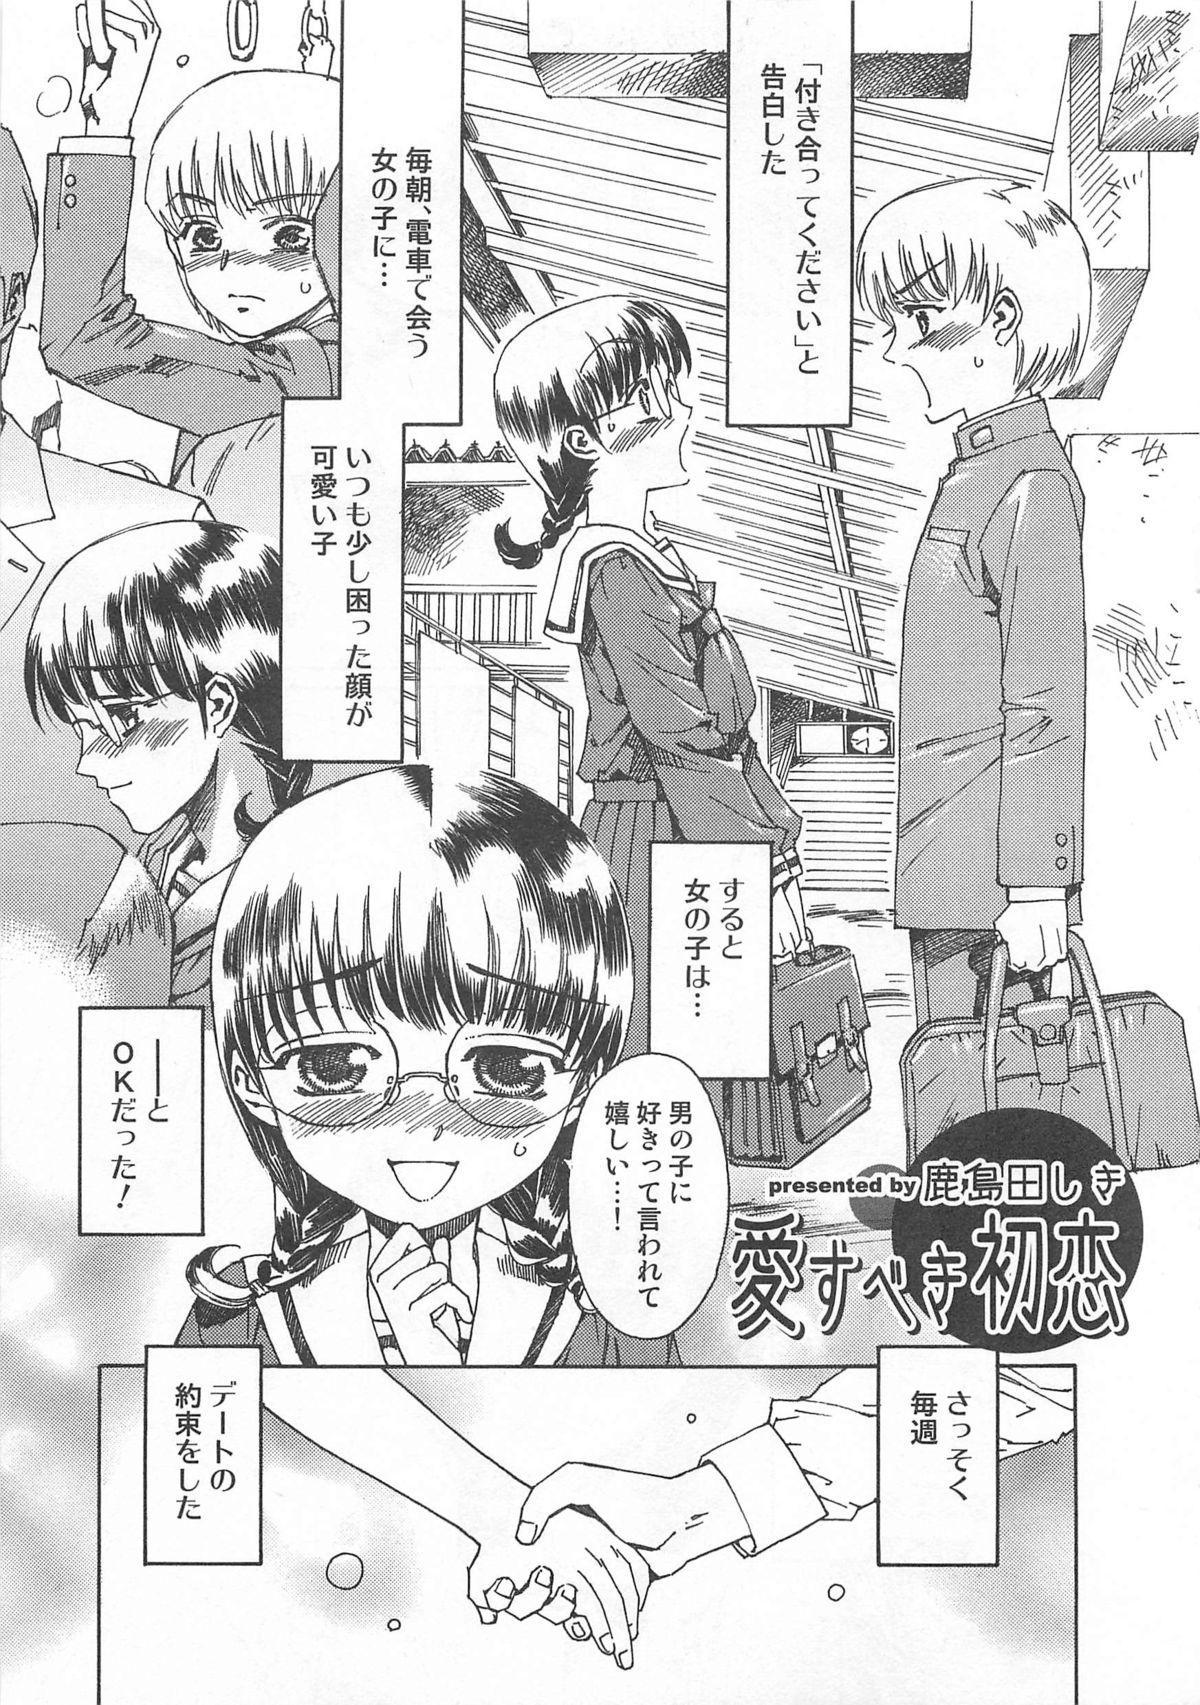 Otokonoko HEAVEN Vol. 01 Meganekko 33